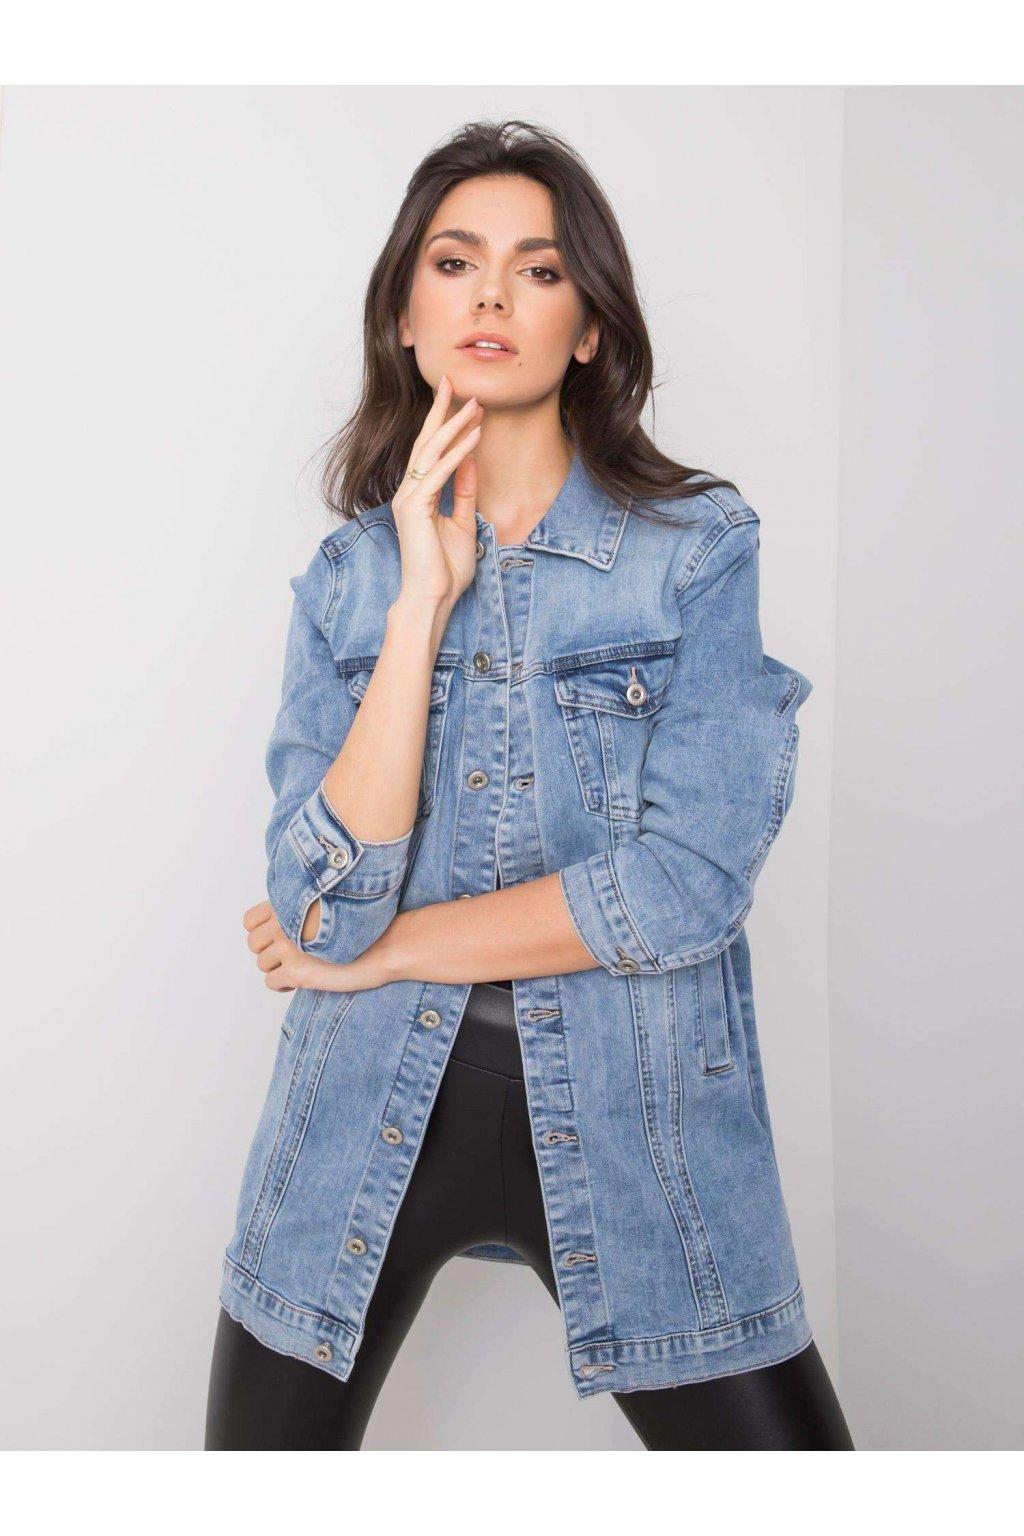 pol pl Niebieska kurtka jeansowa Michelle 361485 4